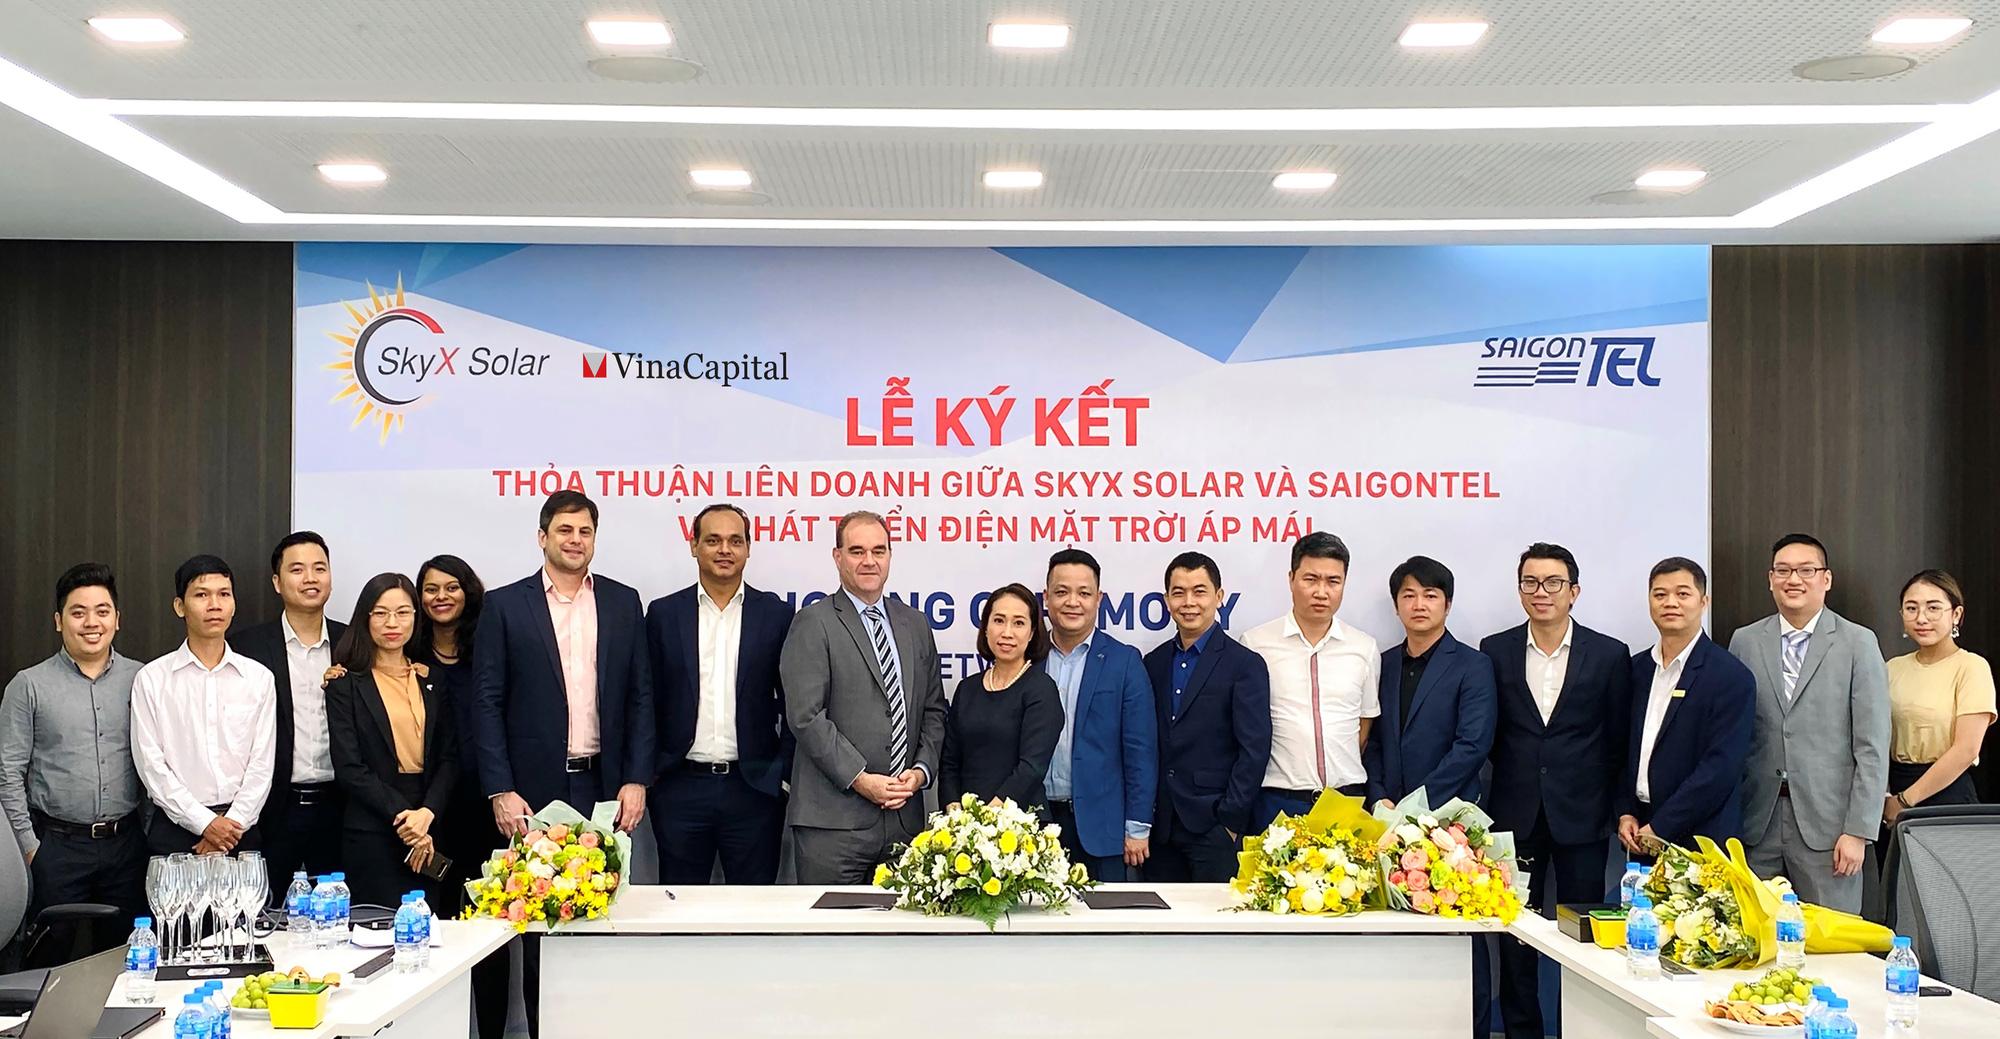 Skyx Solar- thành viên của Vinacapital và Saigontel hợp tác phát triển hơn 50MW điện mặt trời áp mái  - Ảnh 1.